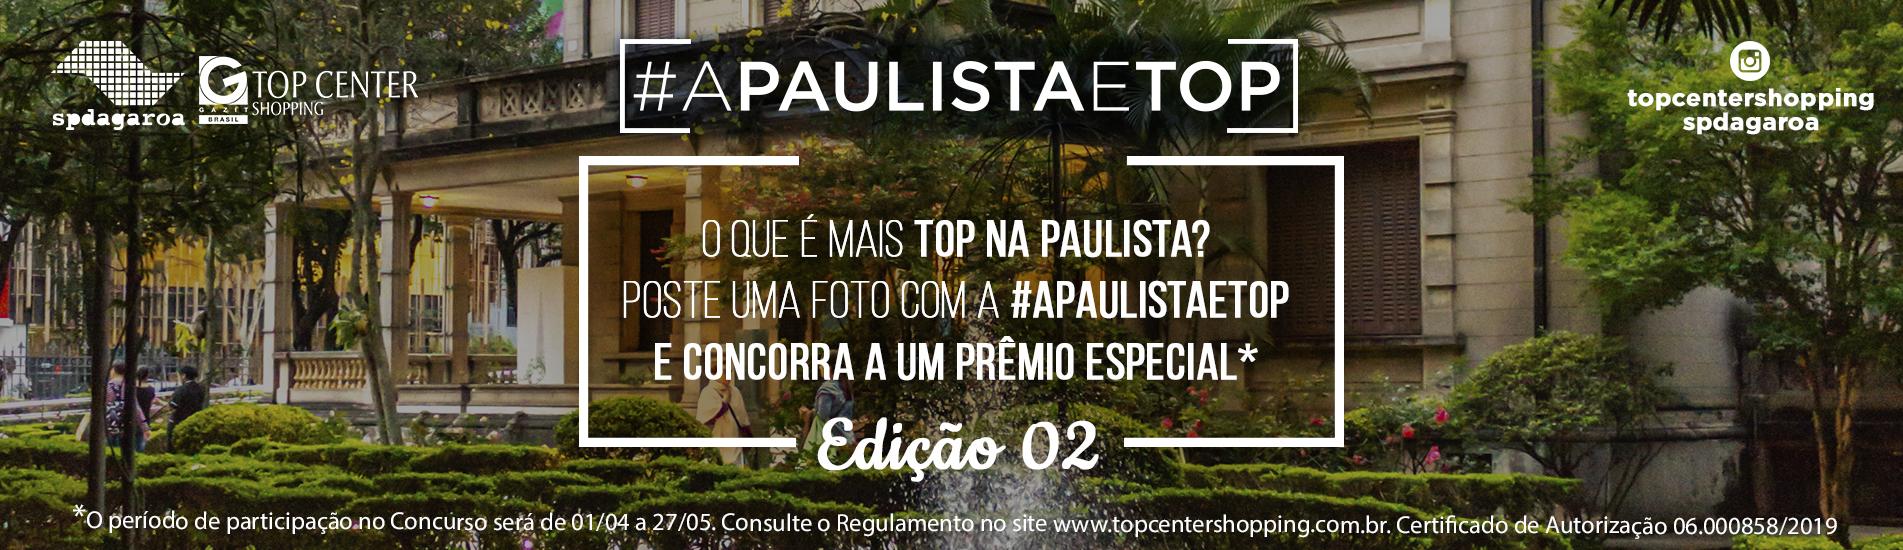 A Paulista é Top - Edição 02